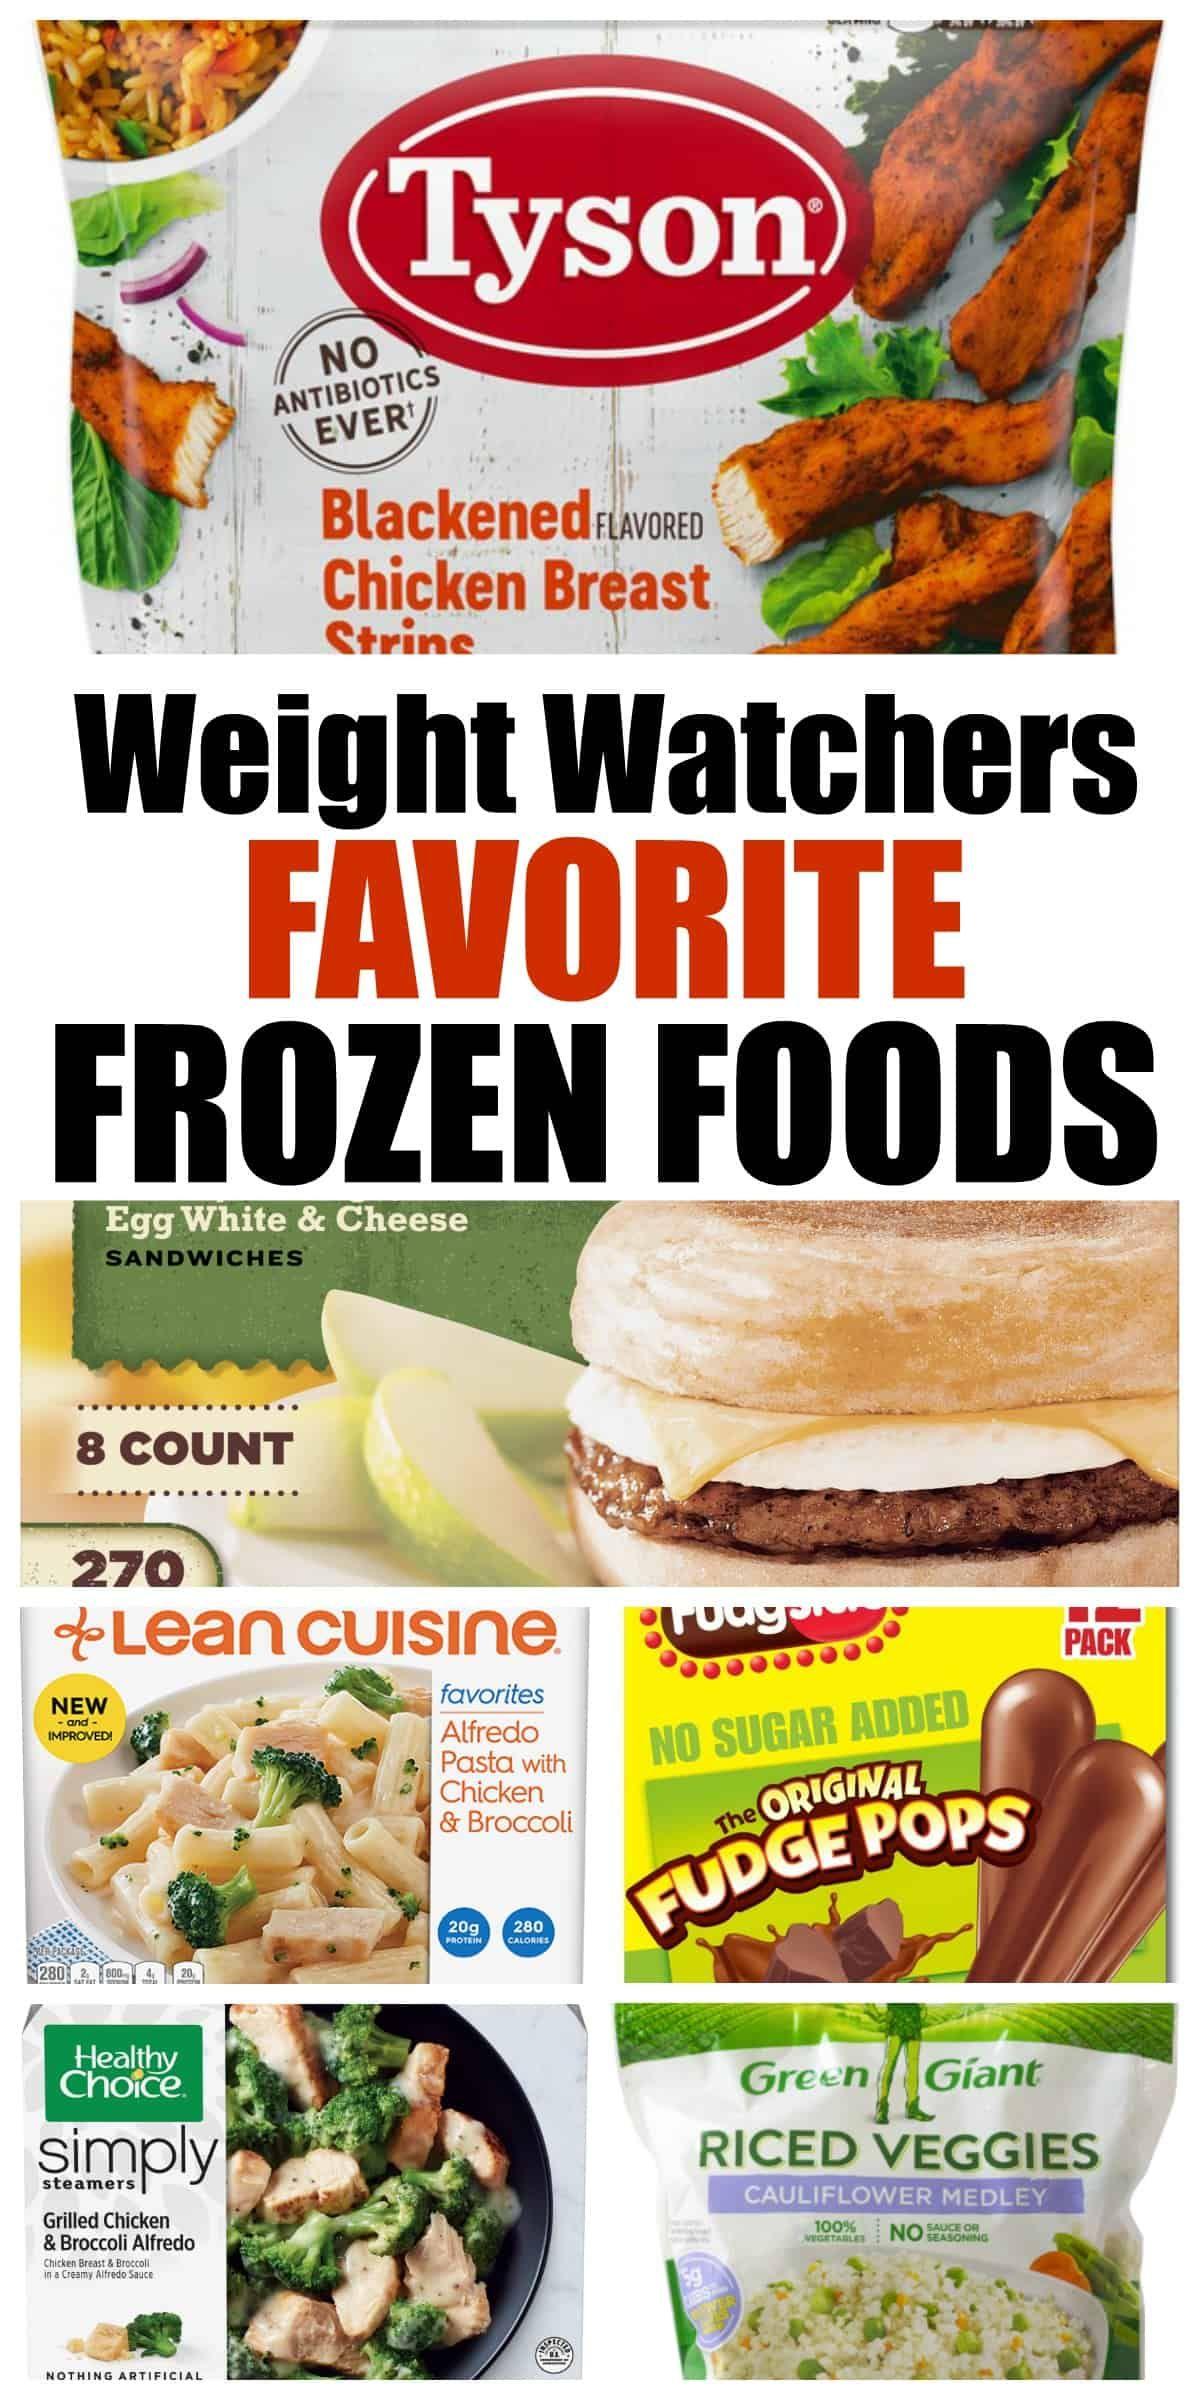 Weight Watchers Frozen Foods Favorites • Simple Nourished Living